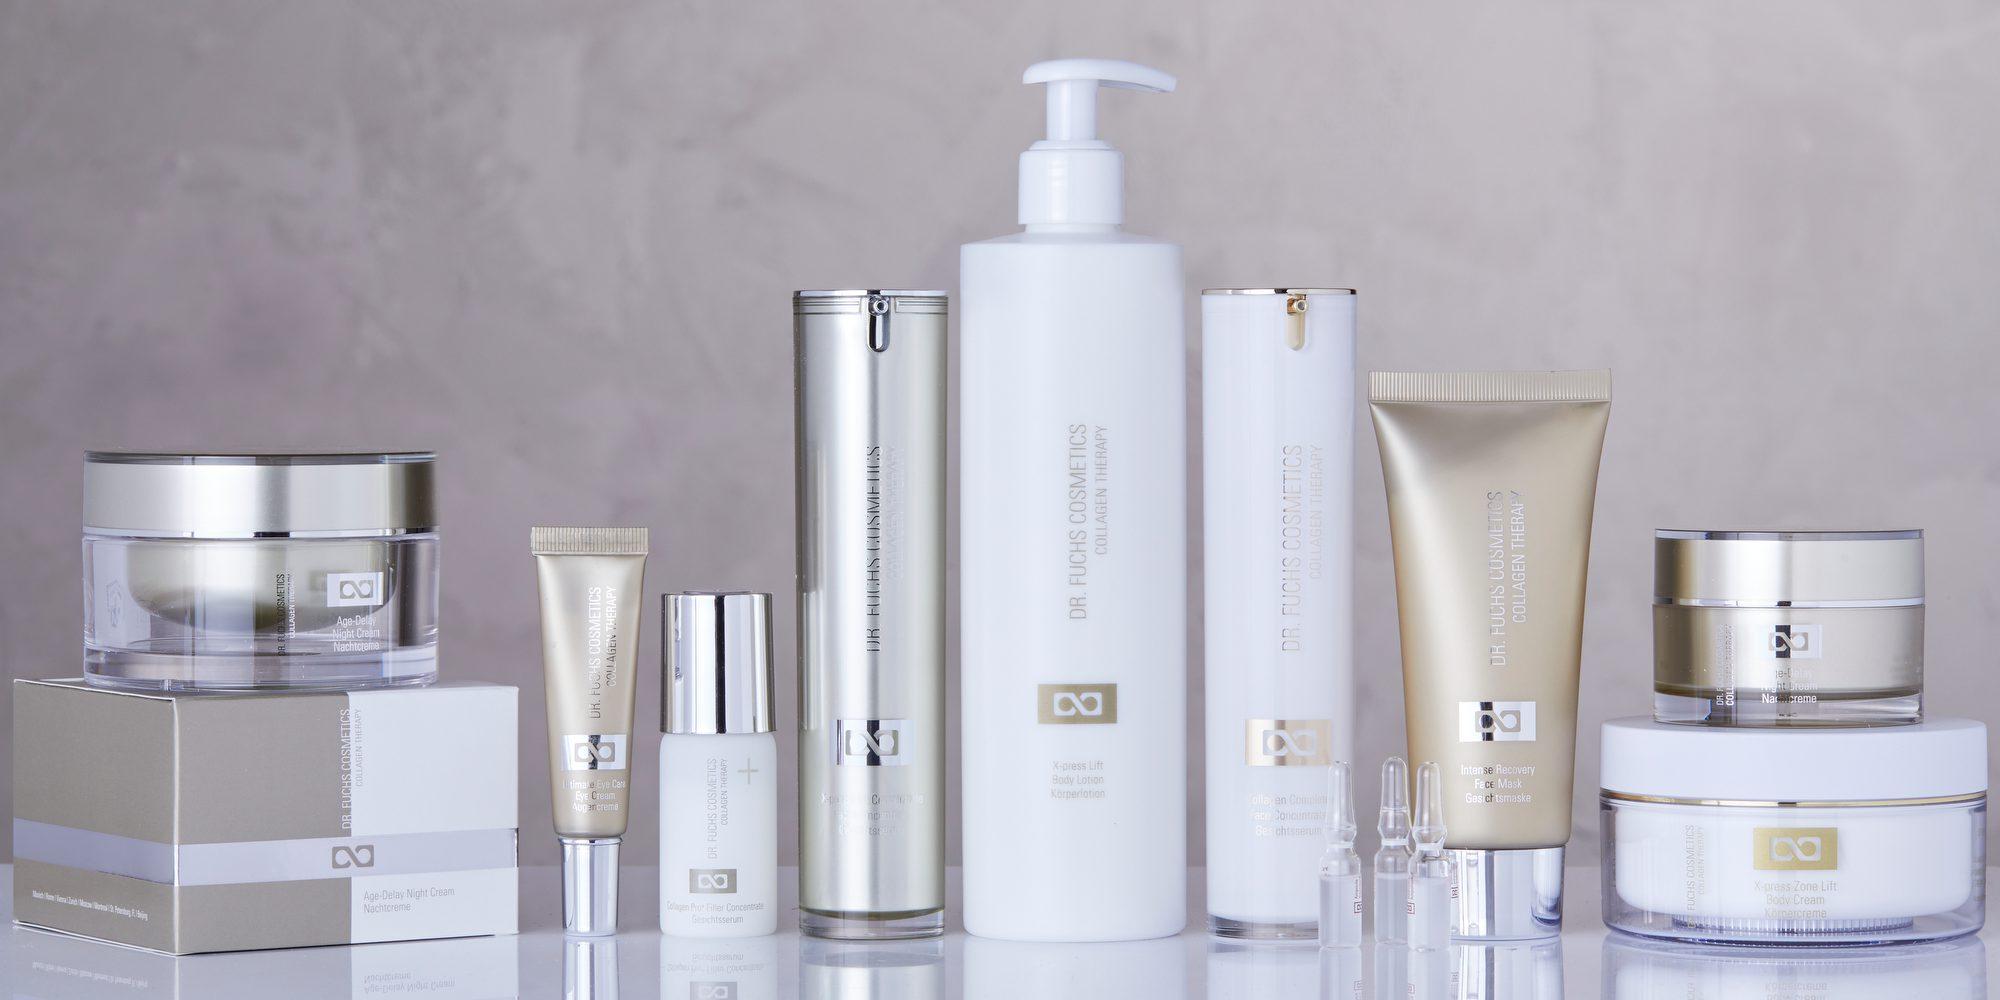 Produktfoto aller Produkte der Dr. Fuchs Cosmetics Collagen Therapy